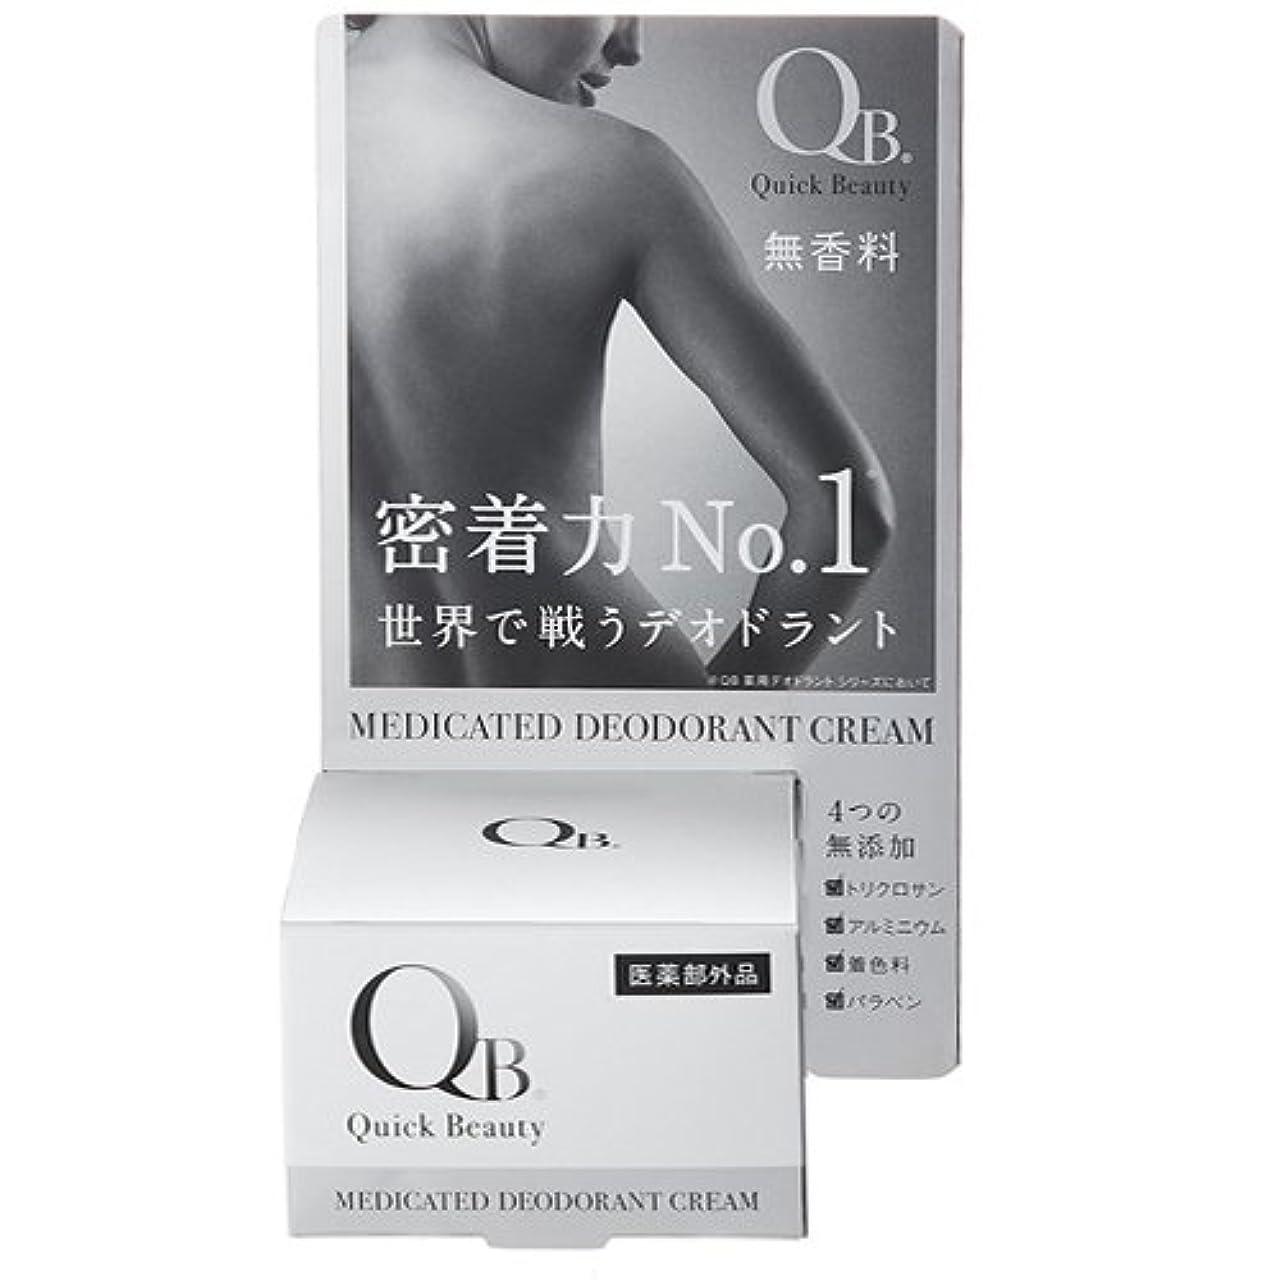 メダルなめるトランスペアレント3個セット まとめ買い QB 薬用デオドラントクリーム W 30g 医薬部外品